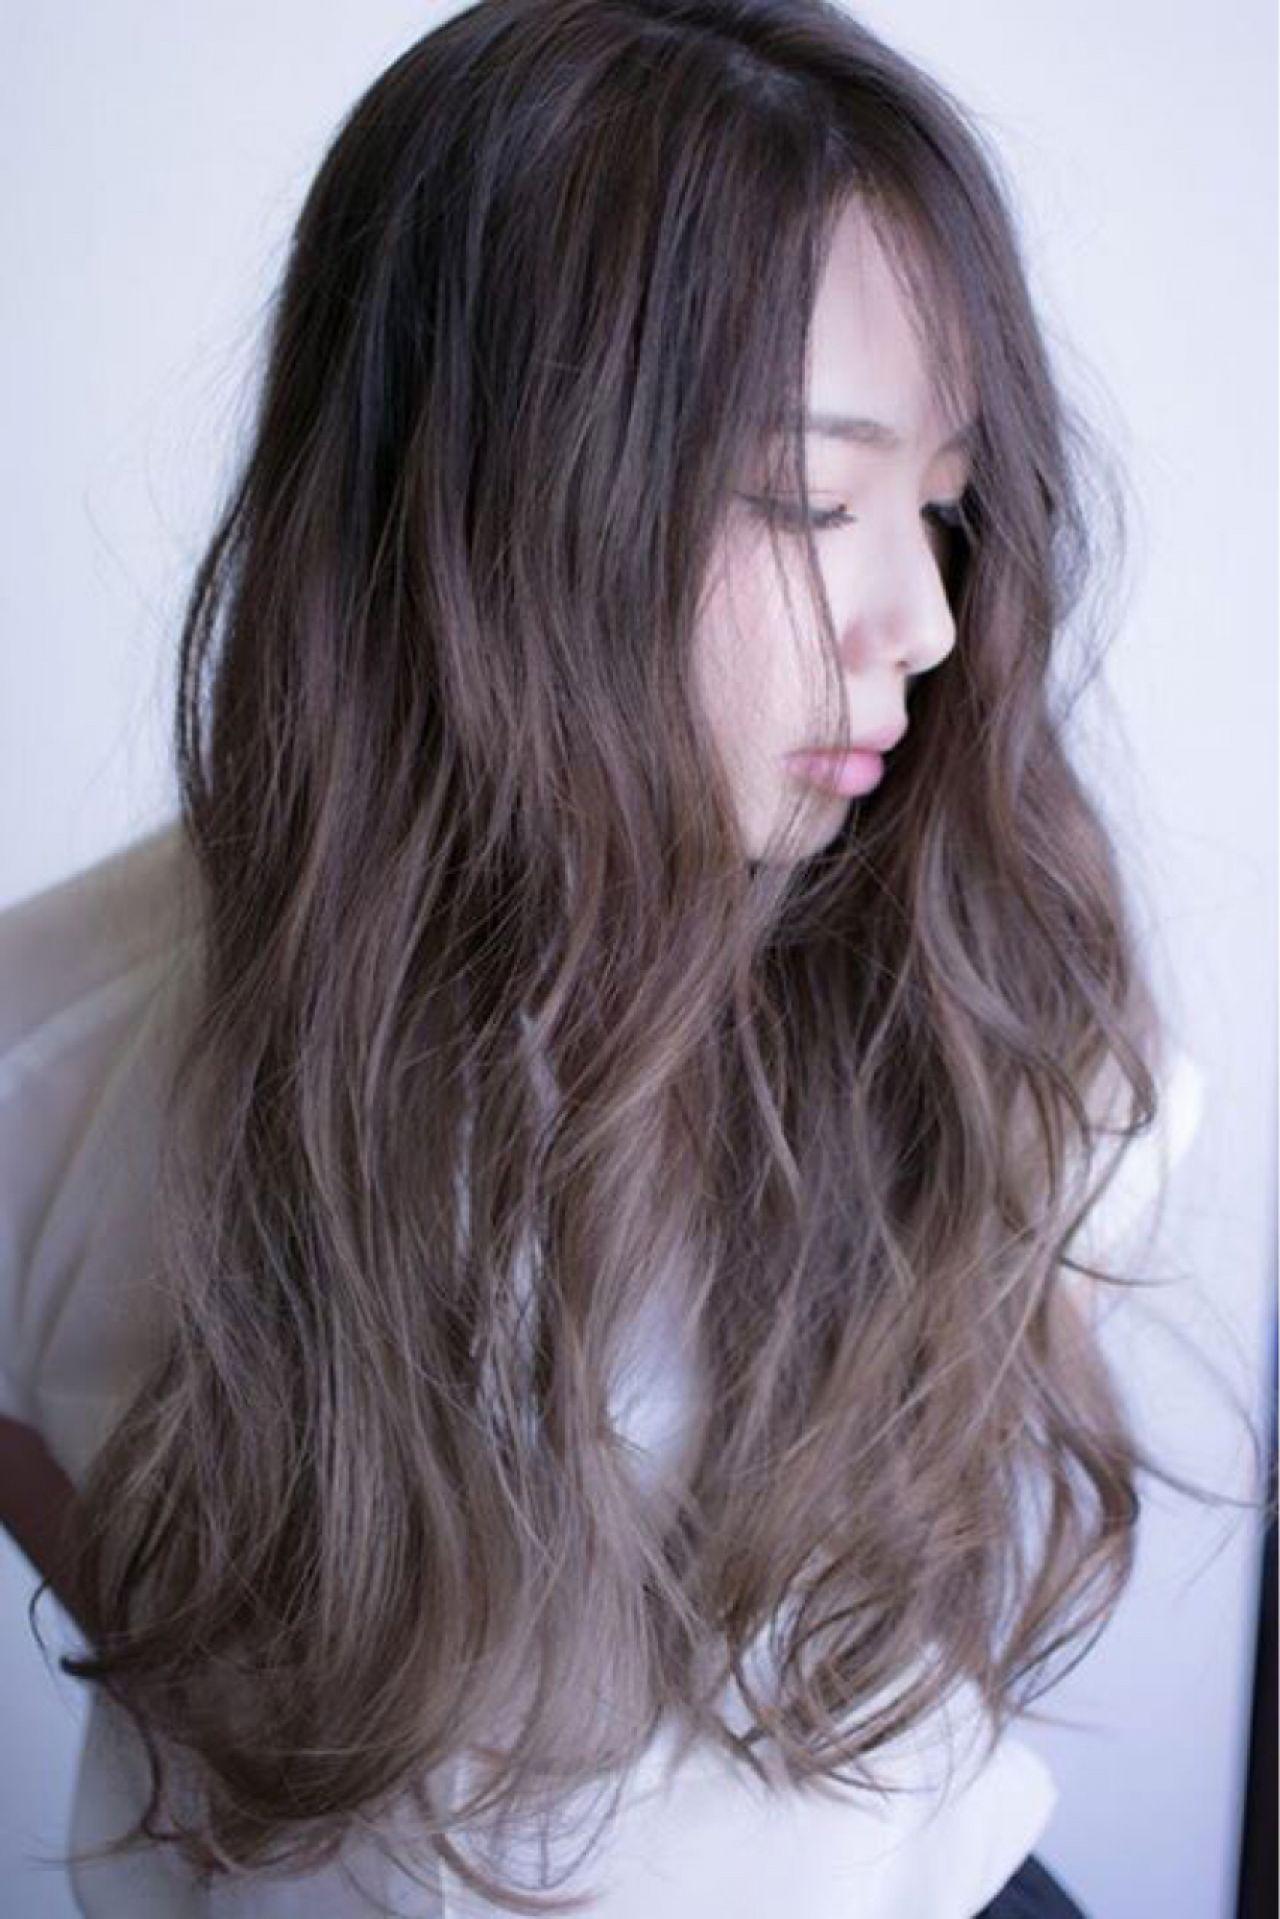 今年の秋冬はいい女に♡「アッシュグレー」で作る上品ヘア 田渕 英和/vicushair